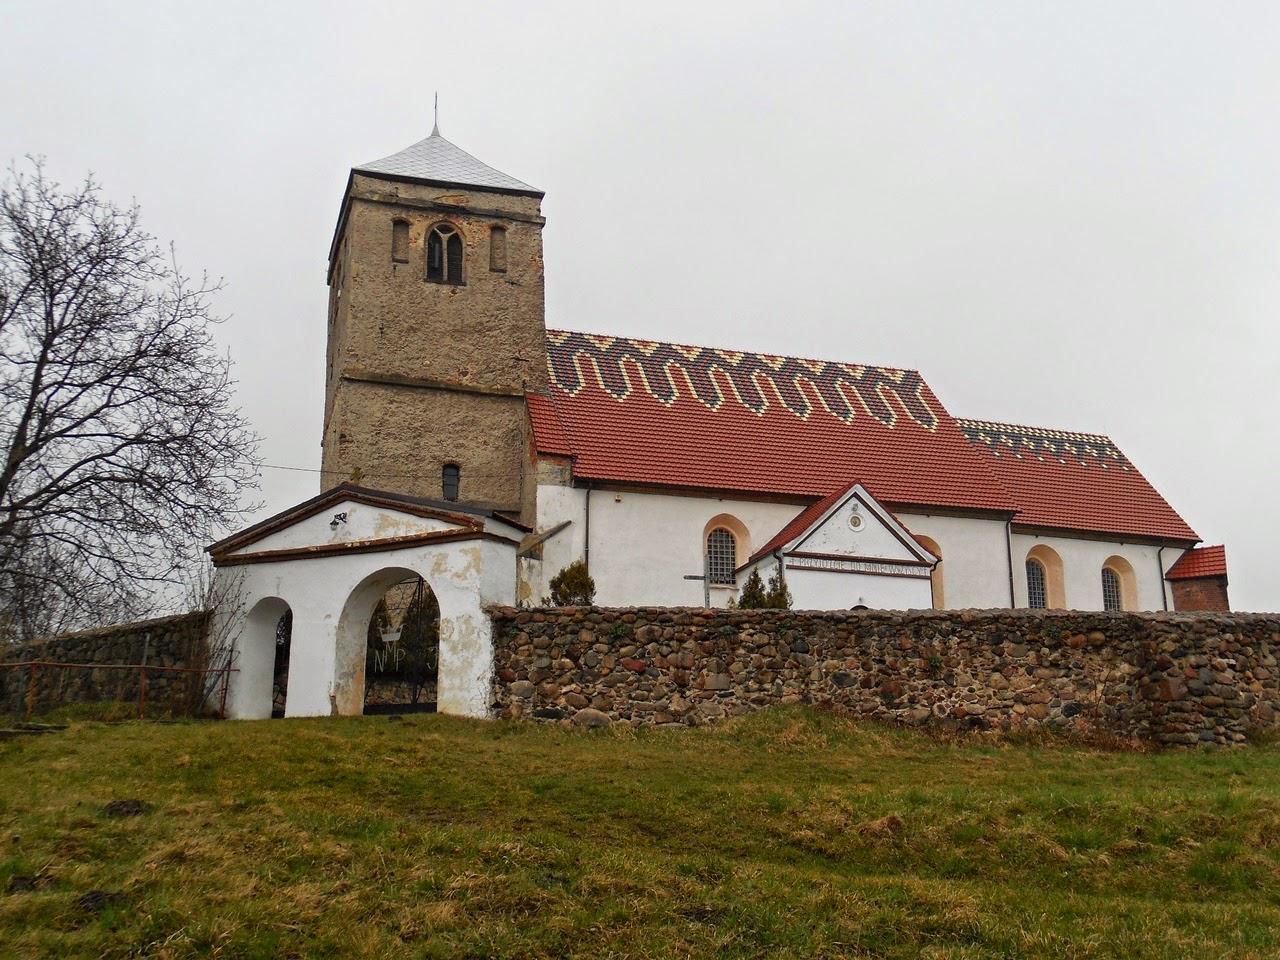 kościół św. Anny, zabytki, Żagań, Szprotawa